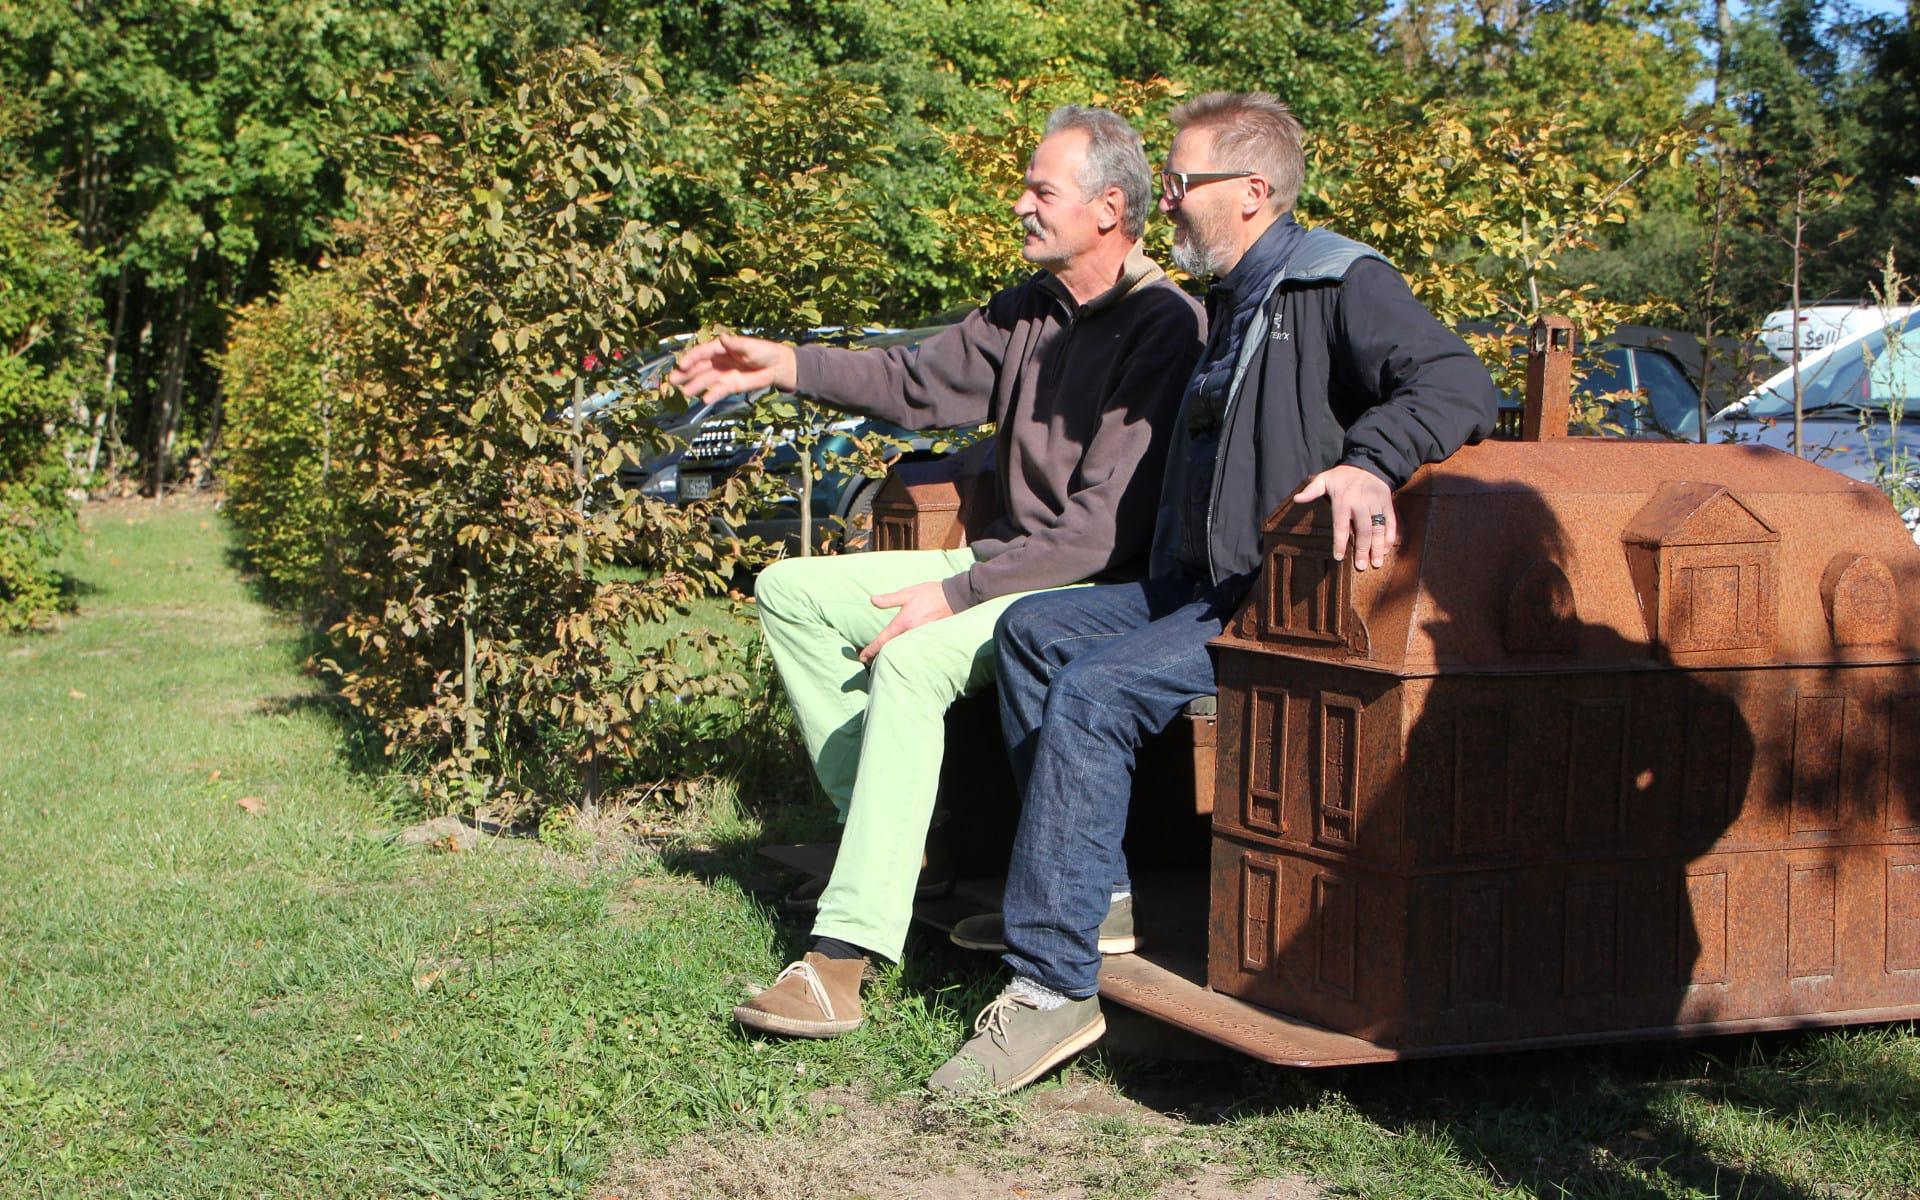 Kunsttour Karwe - Zwei Gäste auf einer Bank in Gestalt eines Schloss im Garten